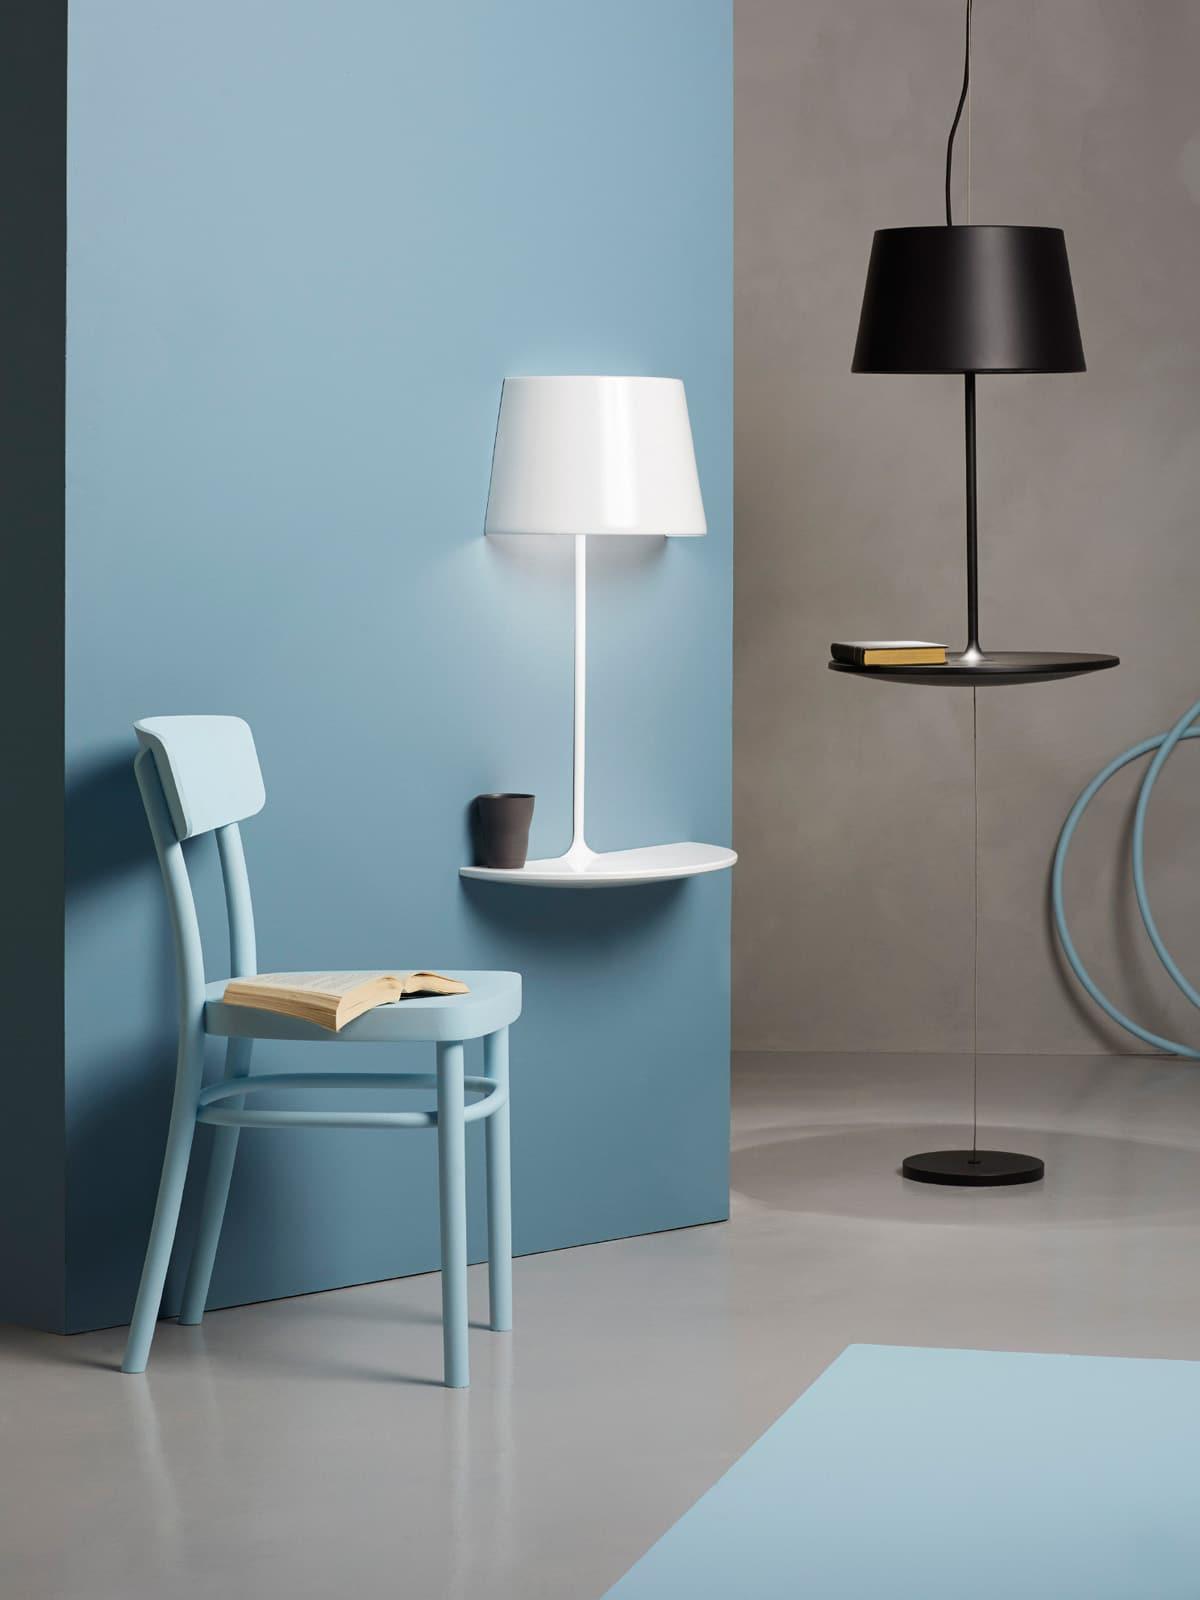 Designlampen Illusion von Northern Lighting